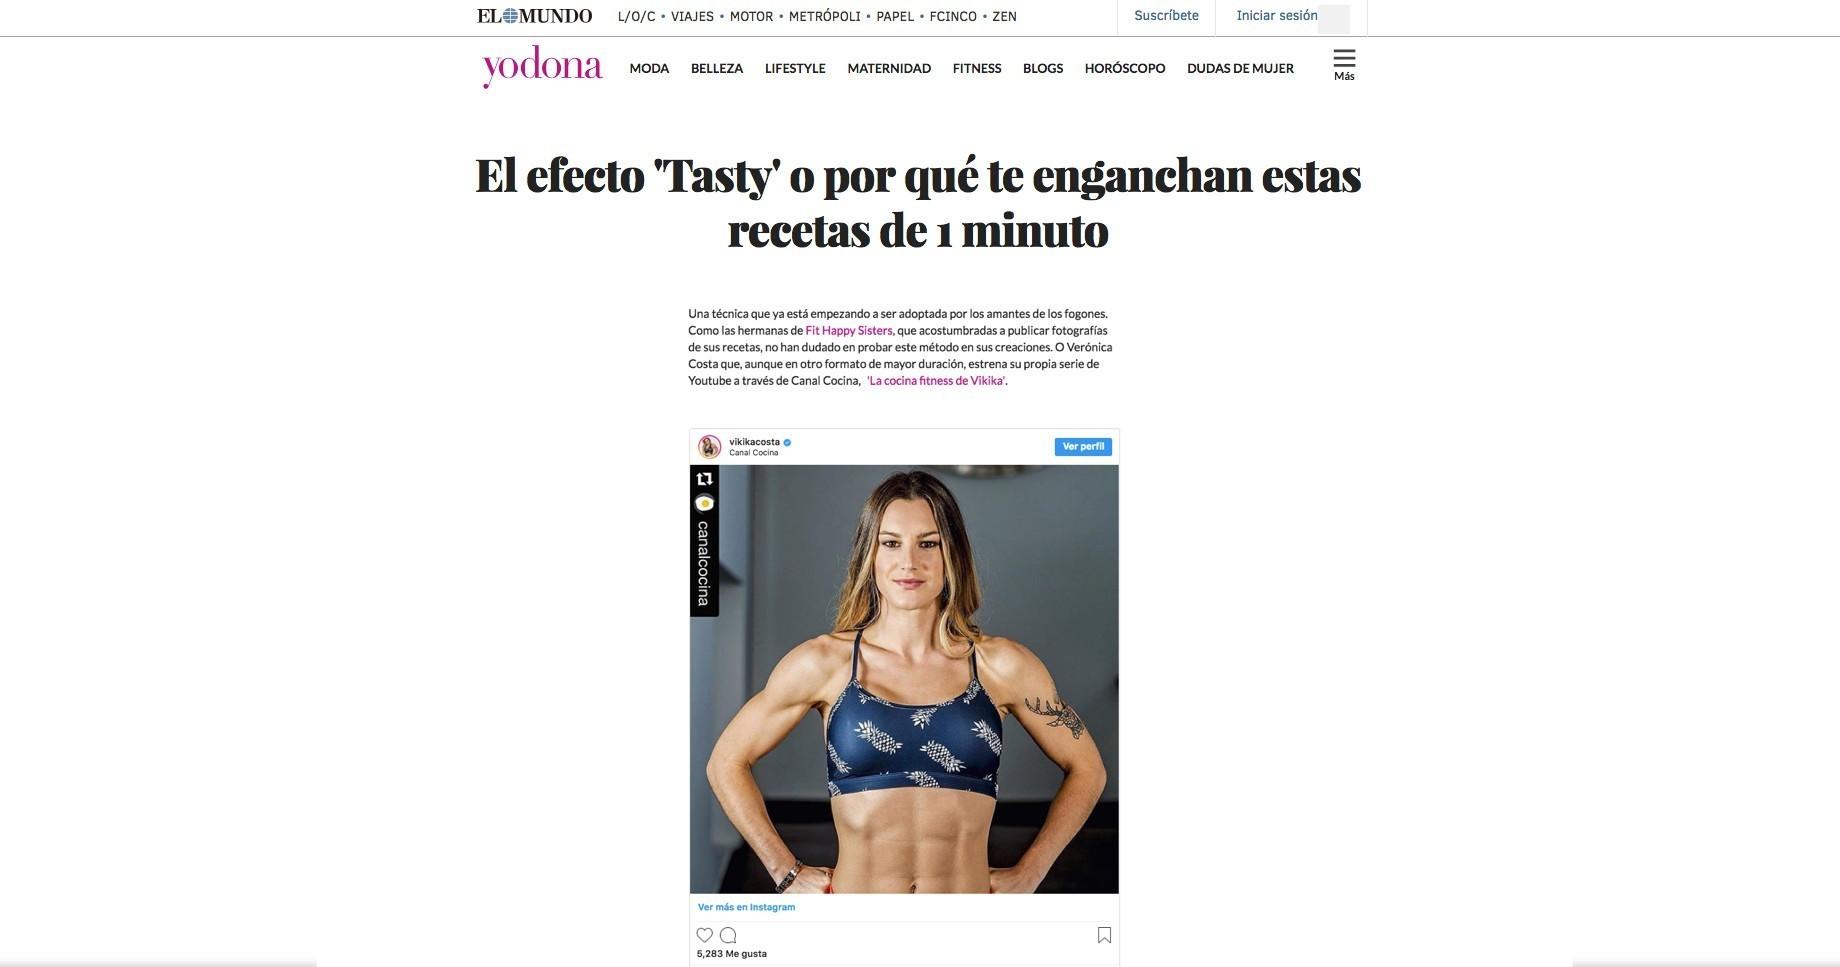 El Mundo YoDona FitnessRunning Nutrición 16 03 16